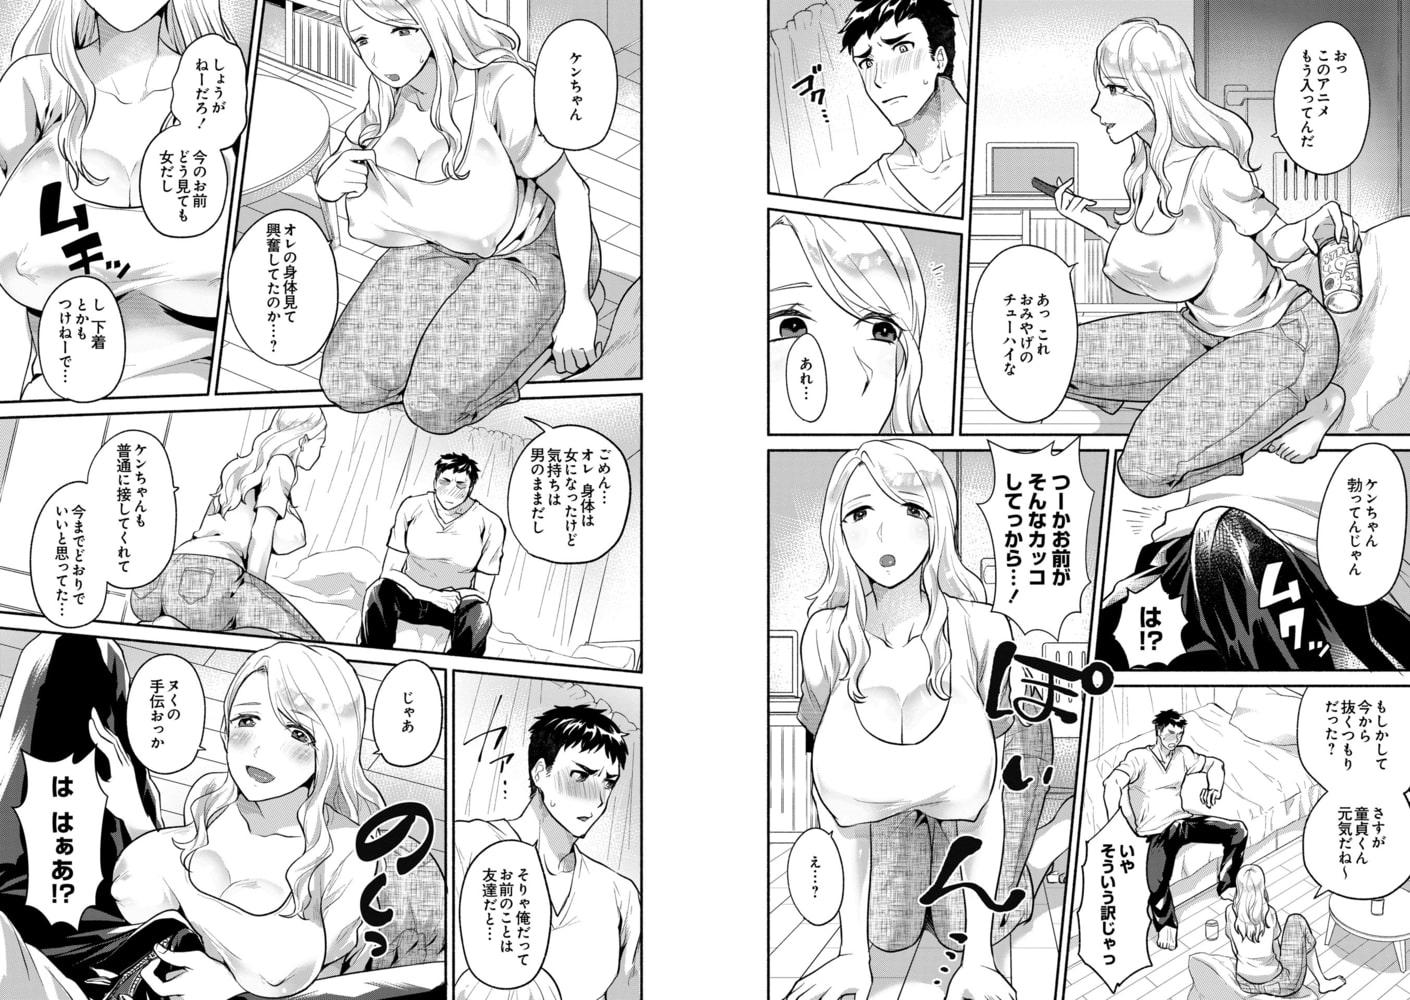 【童貞ちんぽでメス堕ちしたオレ-女のカラダの快感がヤバすぎる-】サンプル画像2